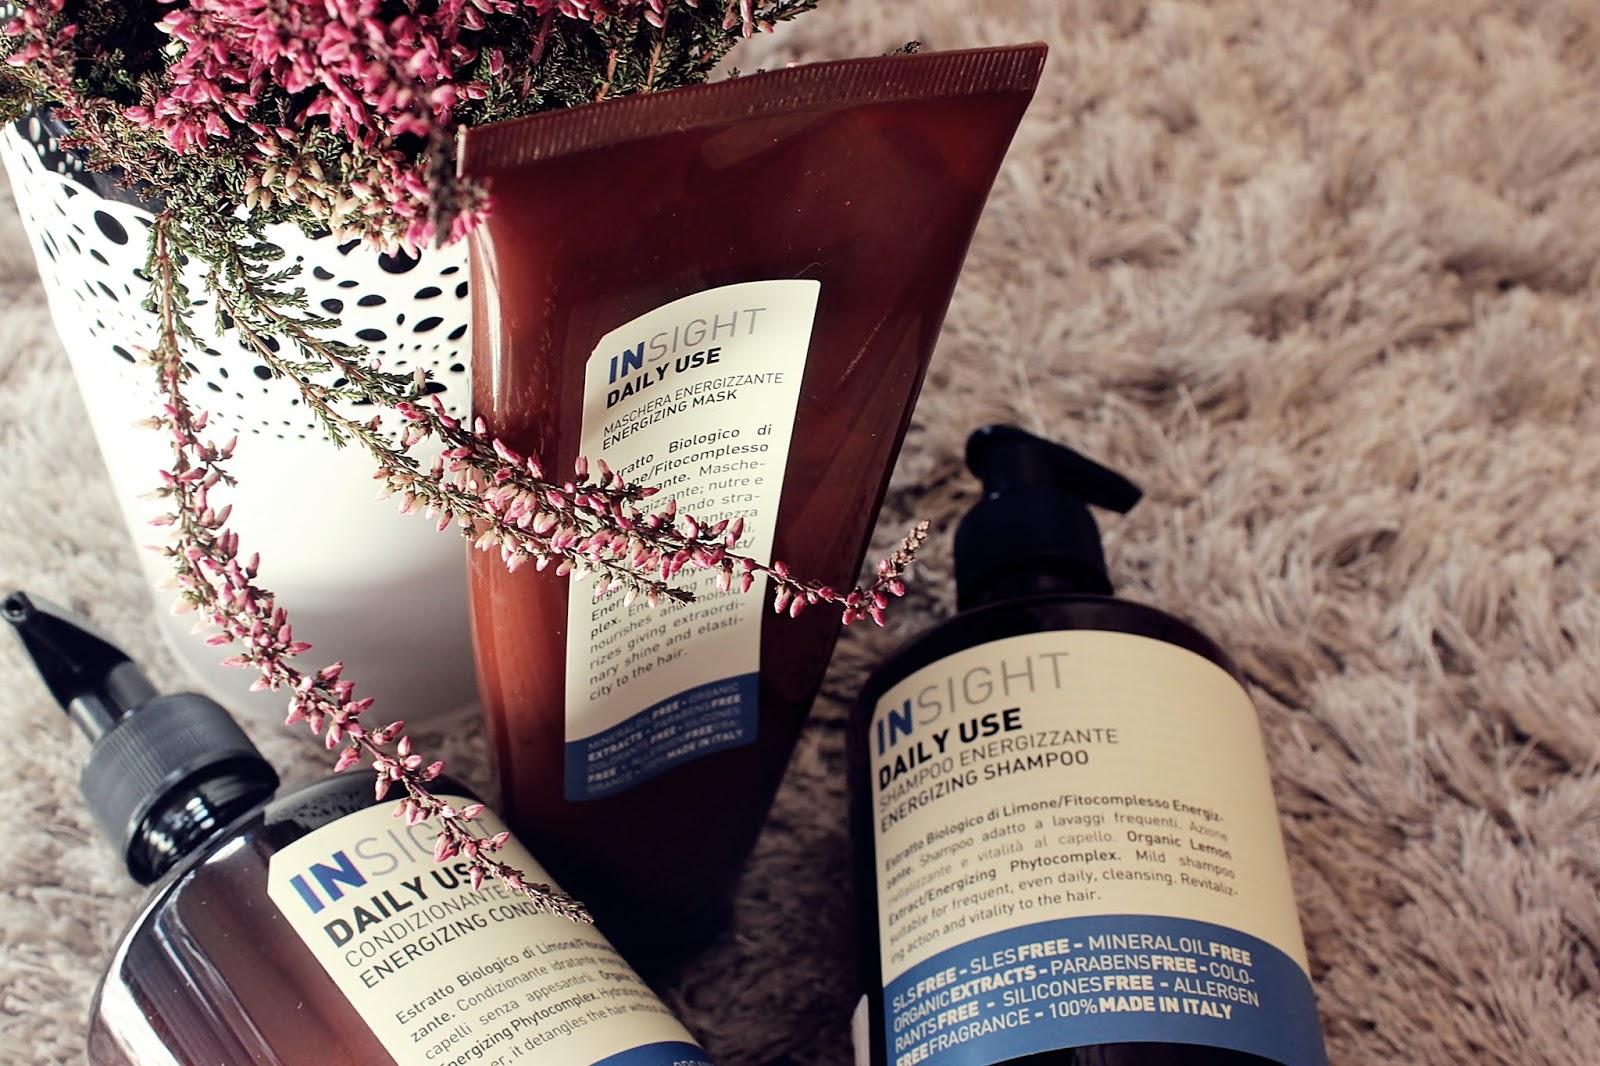 Insight, Daily Use - naturalne kosmetyki do codziennej pielęgnacji włosów